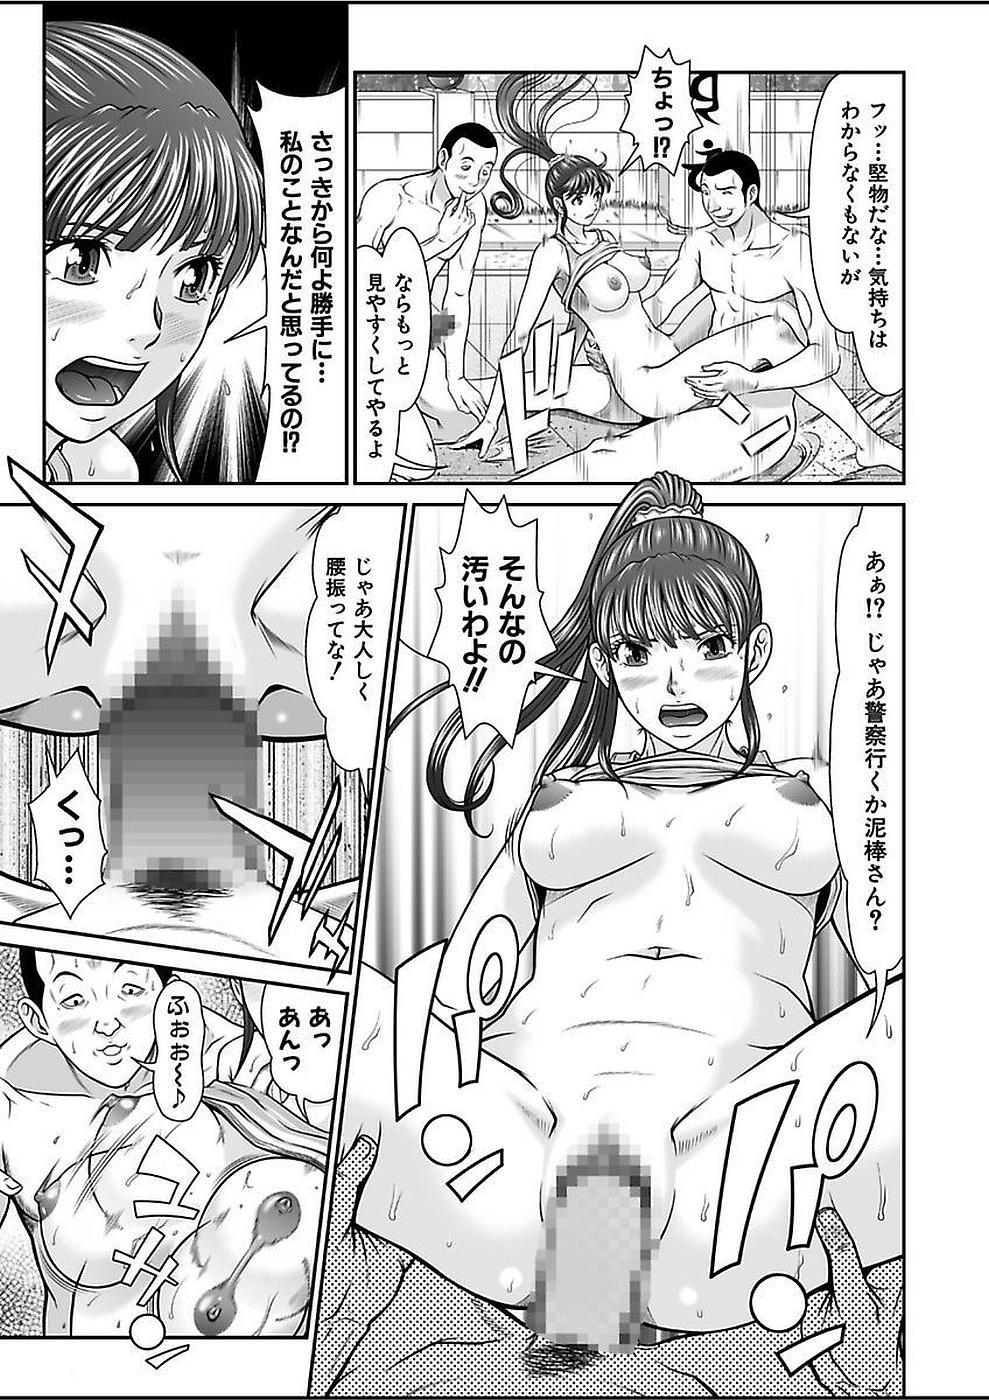 [Kurono Masakado] Dengeki Zecchou! Hihoujima ~Chikyuu no Oku ni Sasowarete~ Joukan 46